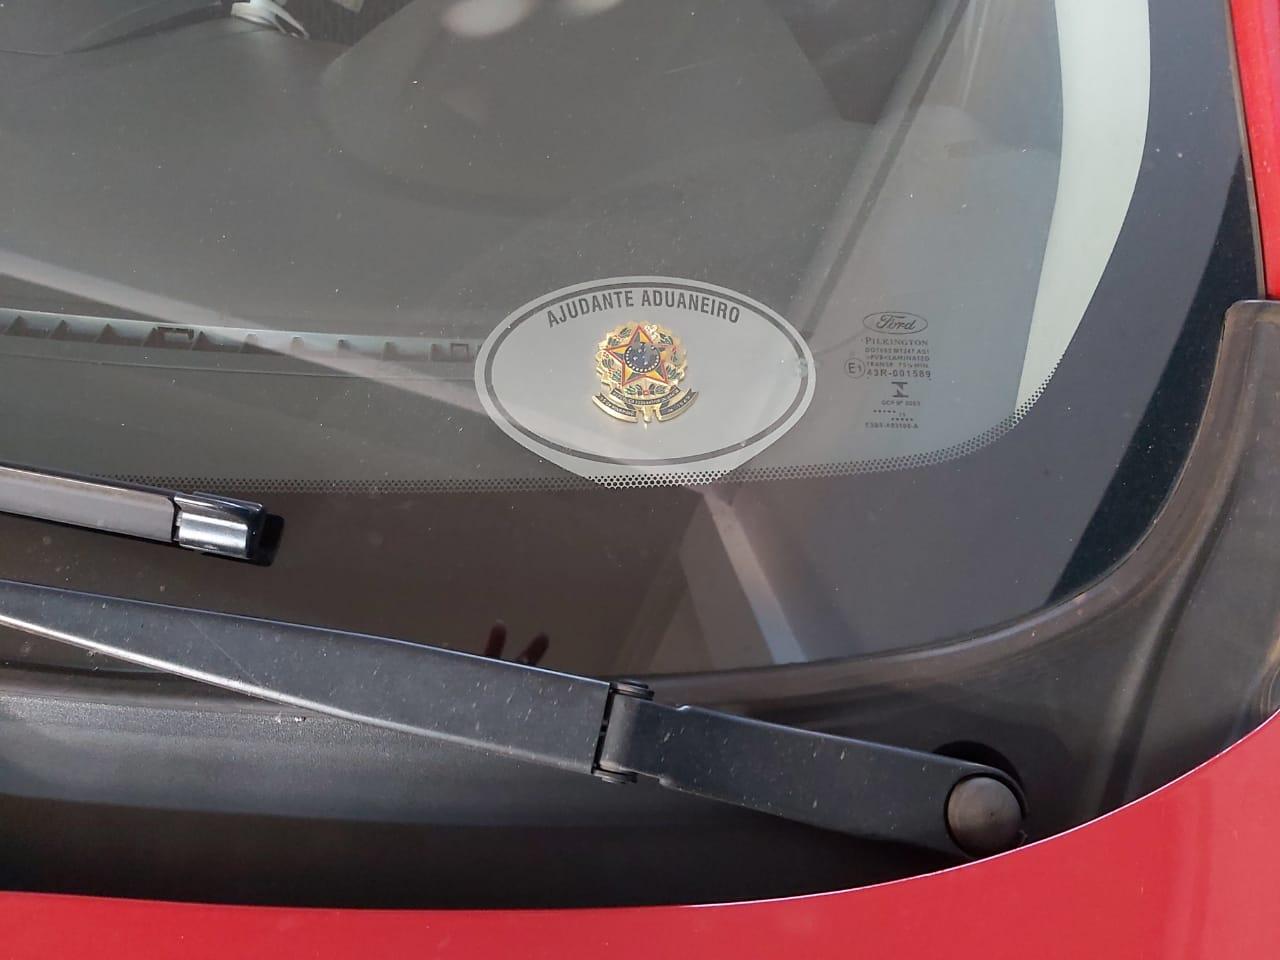 Placa Aço Inox Para Painel De Carro Personalizada